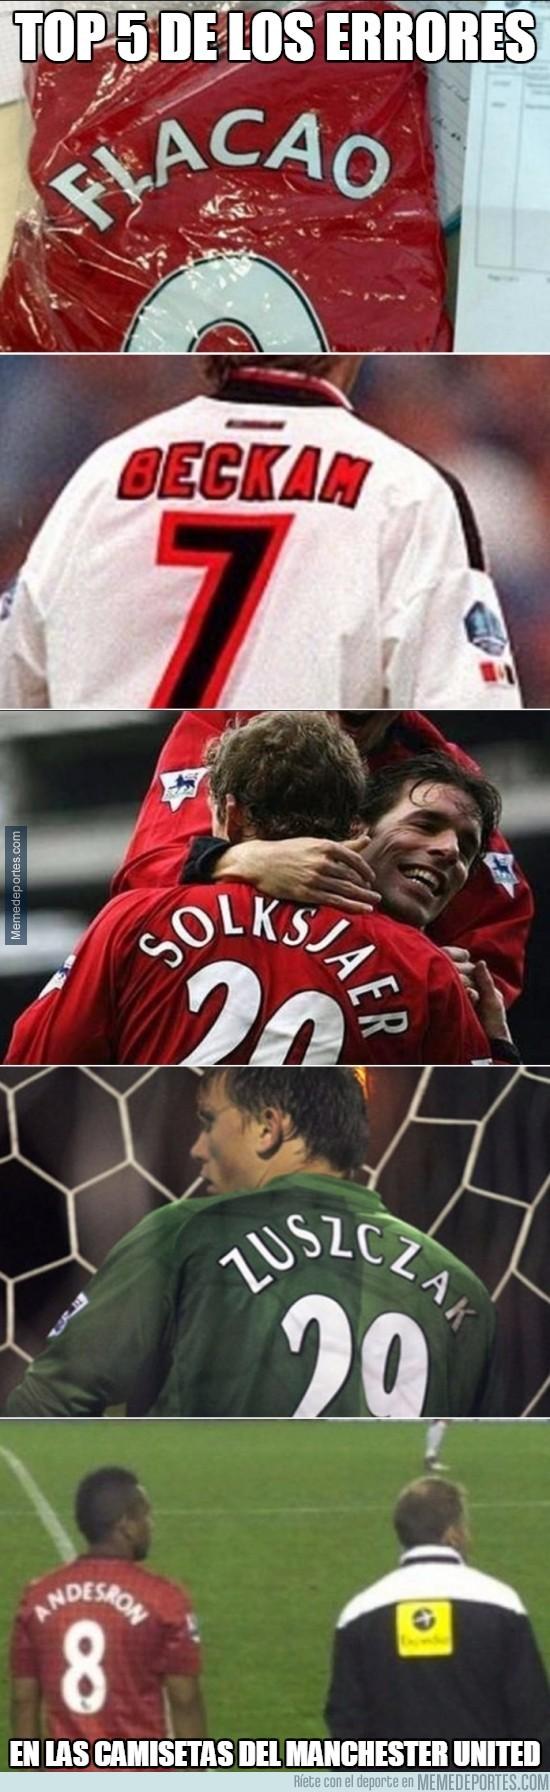 647567 - Los errores en dorsales y el Manchester United, una gran historia de amor